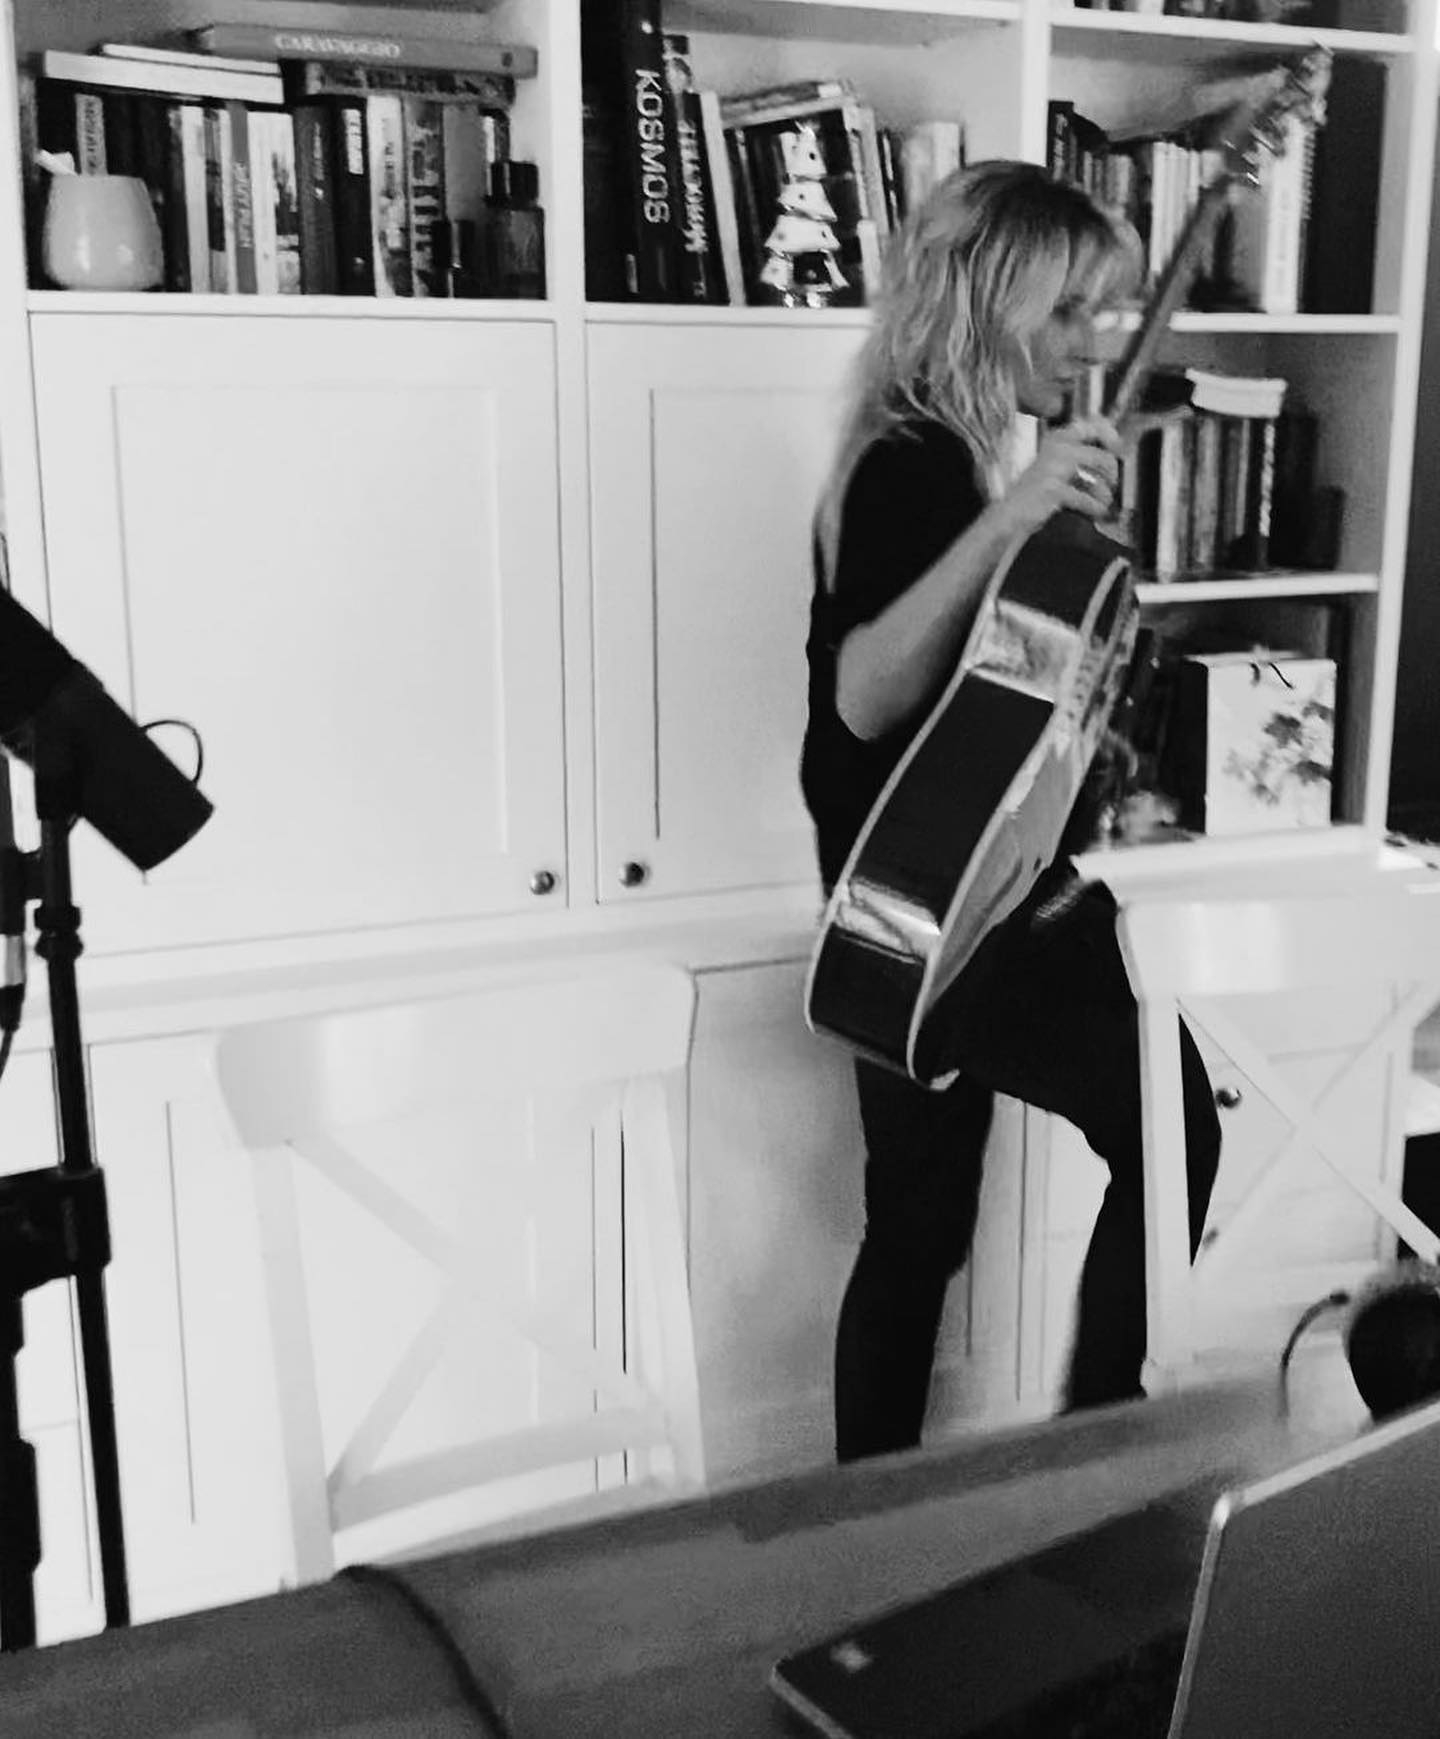 Czarny sweter z golfem na wiosnę! Jeśli ma extra dekolt na plecach - czemu nie! Patrycja Markowska nosi go w jej niezaprzeczalnie rockowym stylu ⚡️⚡️⚡️ Kocham 🖤🖤🖤 ———————— #Bienkovska #black #blackandwhite #patrycjamarkowska #singer #rockstyle #blackknit #golf #dekoltnaplecach #odkryteplecy #musician #polishsinger #polishgirl #powergirl #kobietarakieta ⚡️⚡️⚡️